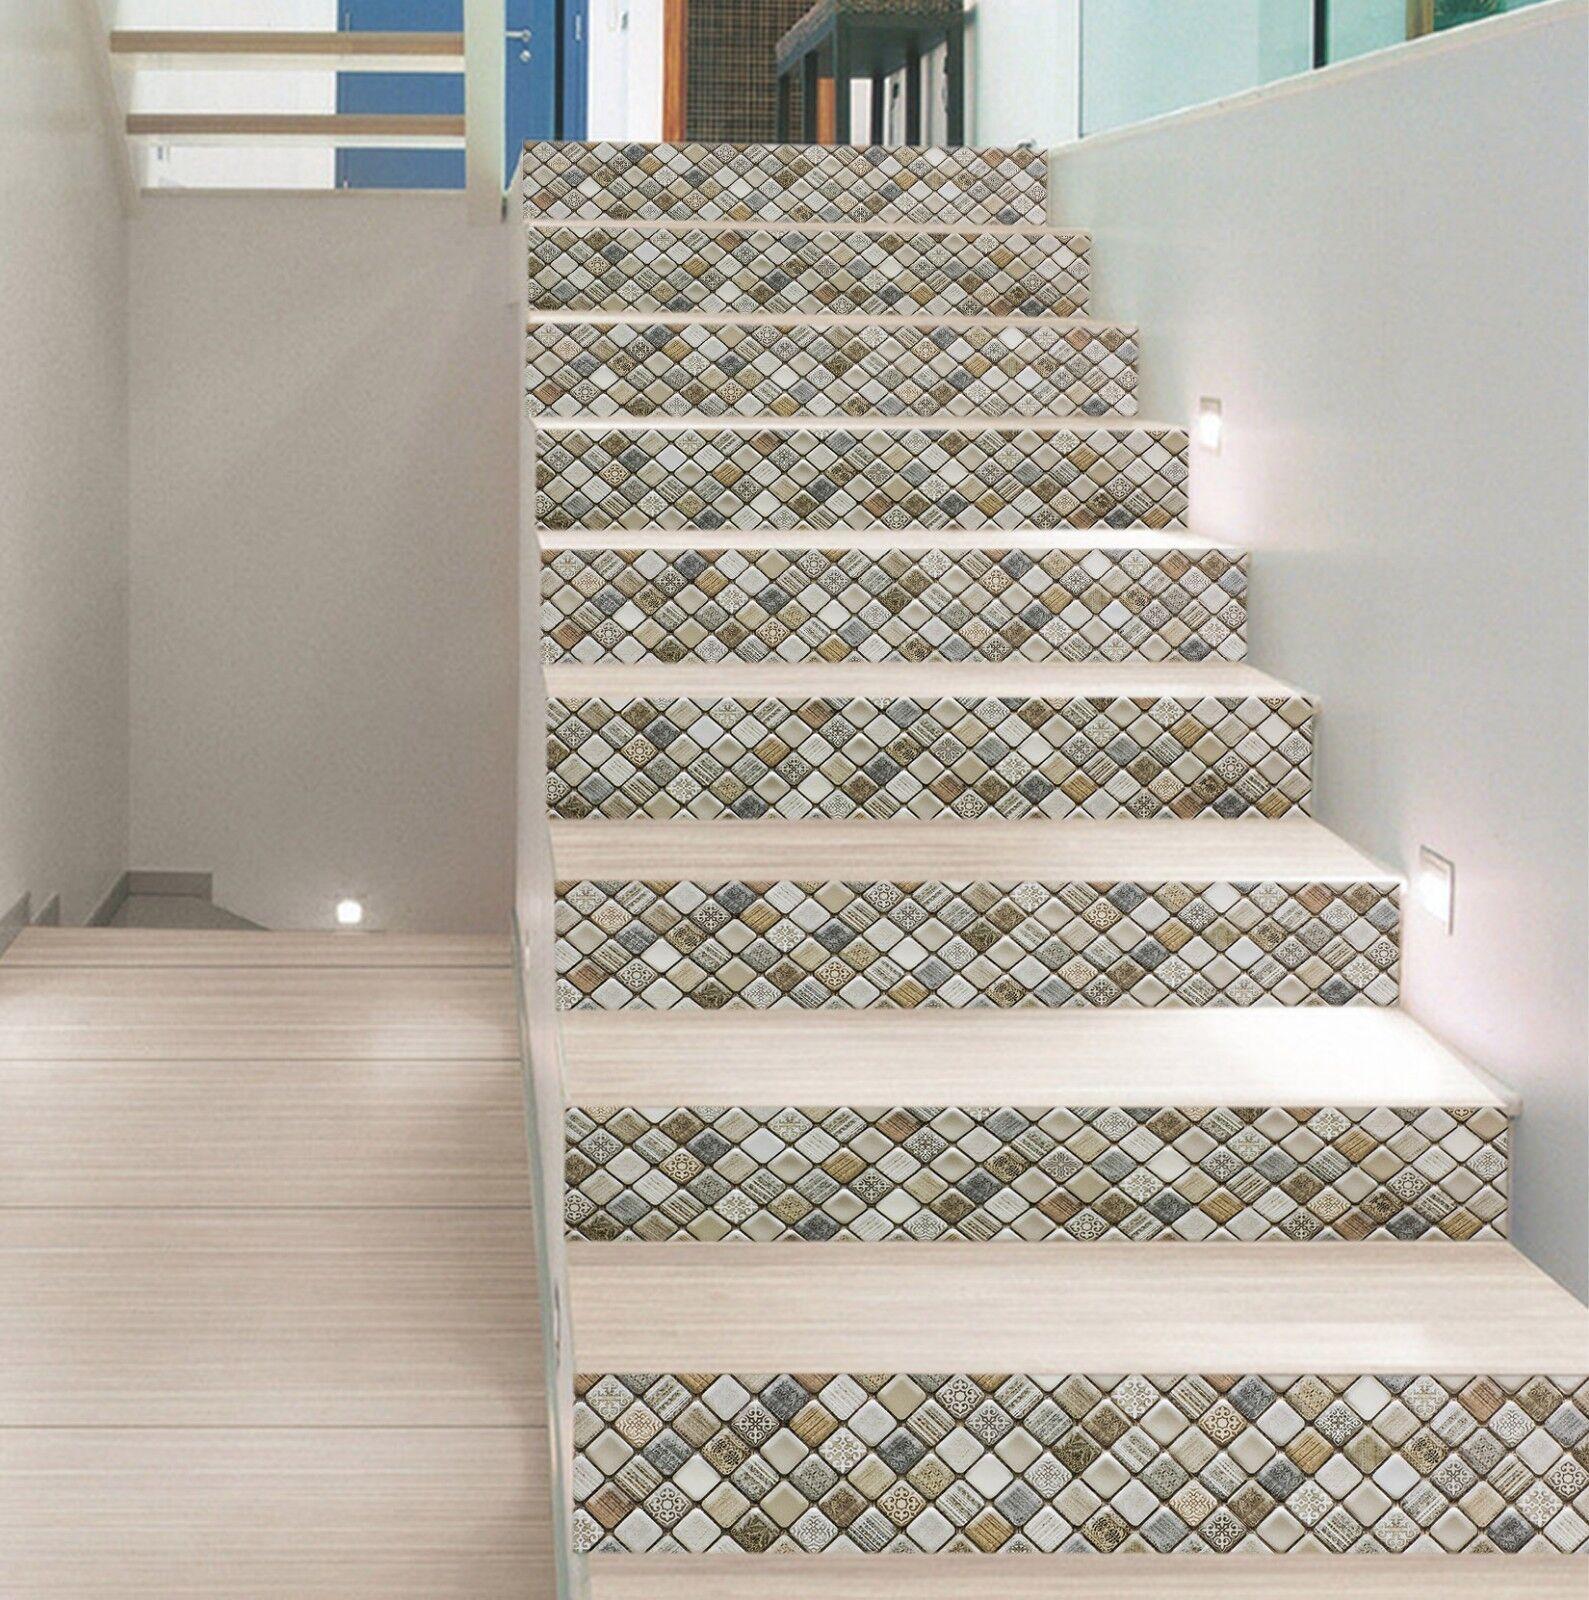 3D Diamant Holz Muster 2 Fliesen Marmor Stair Risers Vinyl Tapete Fototapete DE